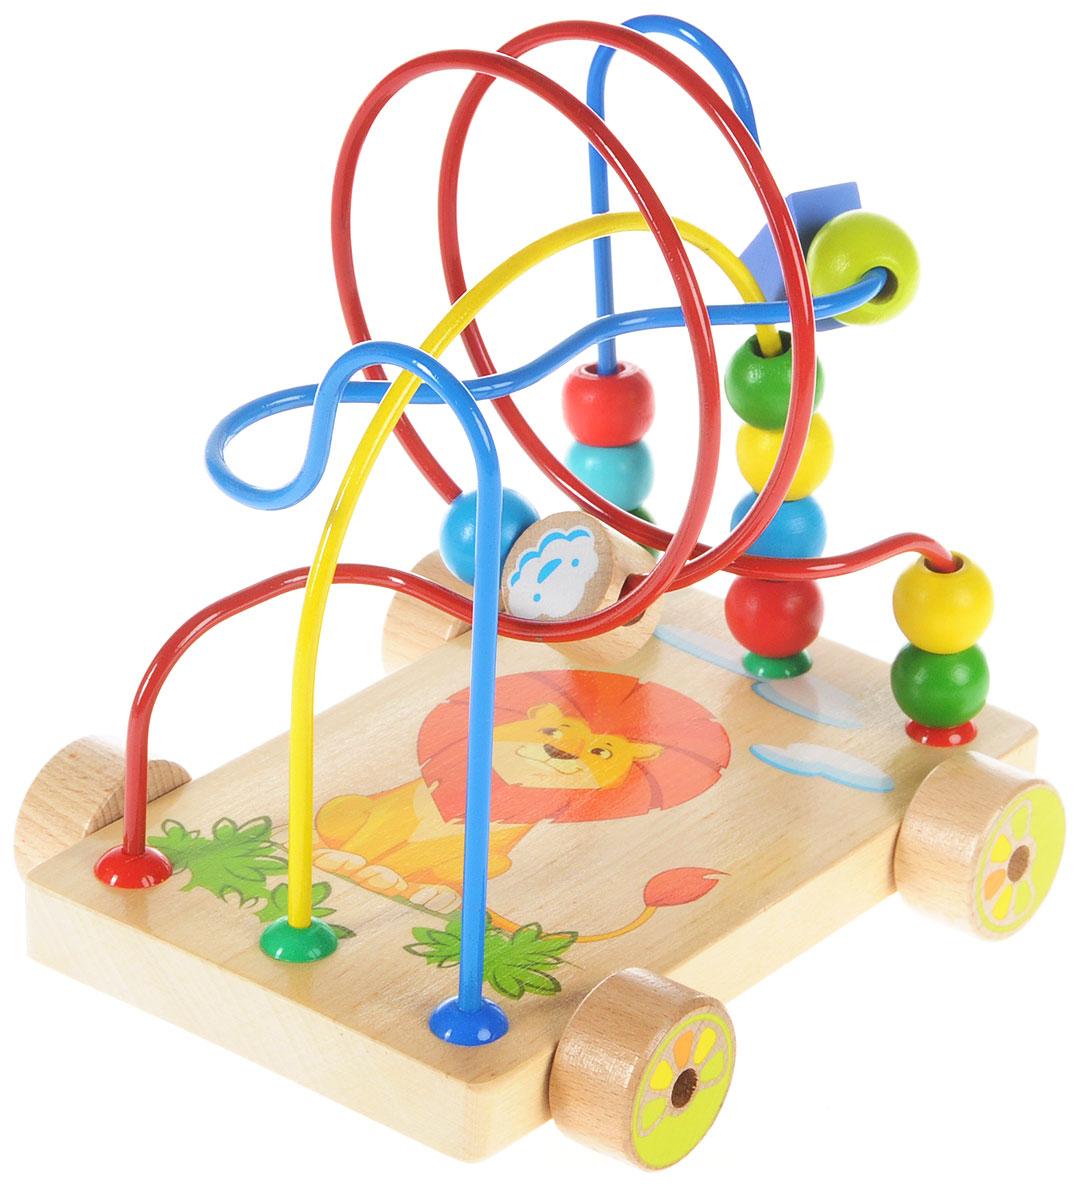 Мир деревянных игрушек Развивающий лабиринт-каталка Львенок мир деревянных игрушек лабиринт каталка бабочка малая